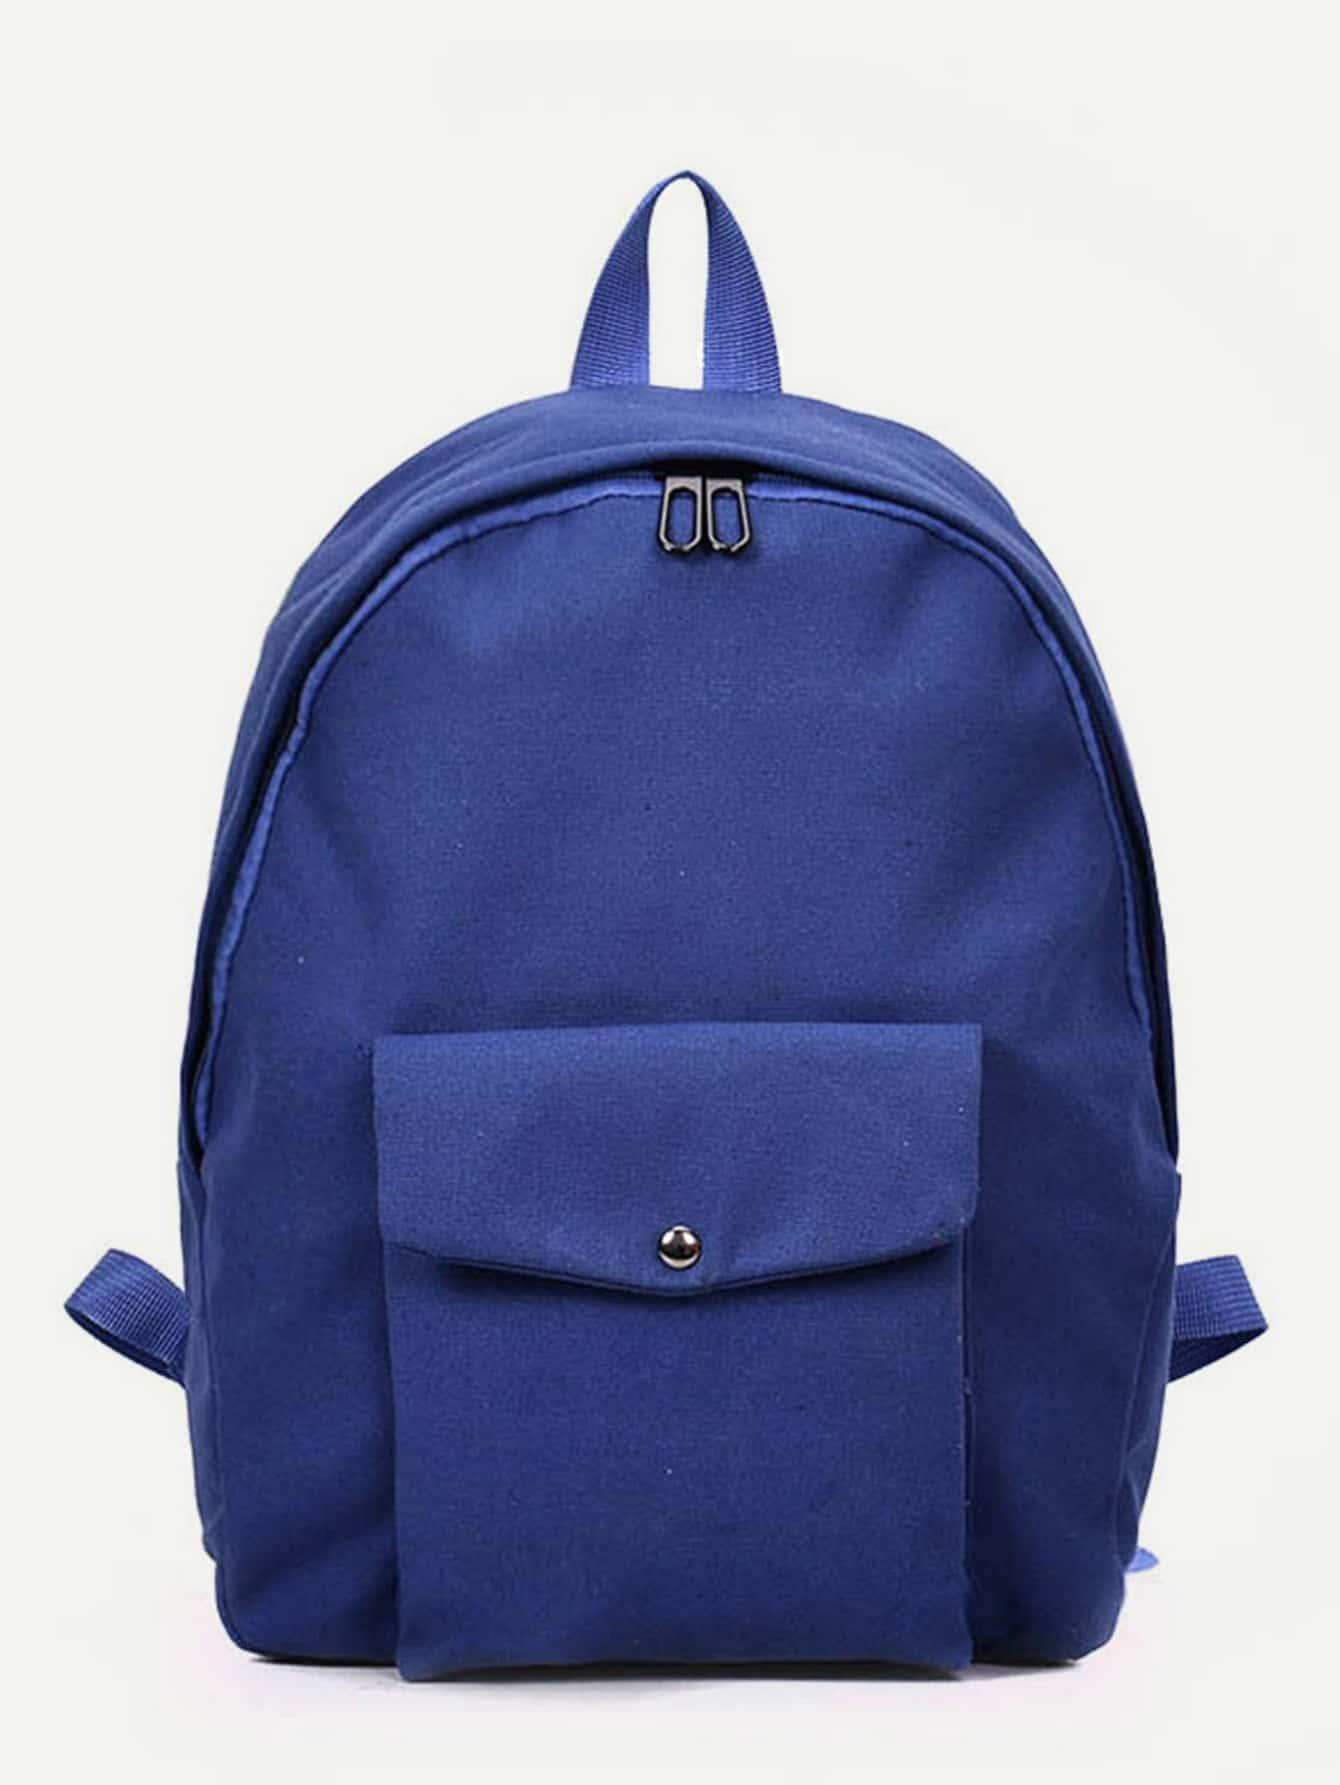 Pocket Front Canvas Backpack double pocket front flap backpack